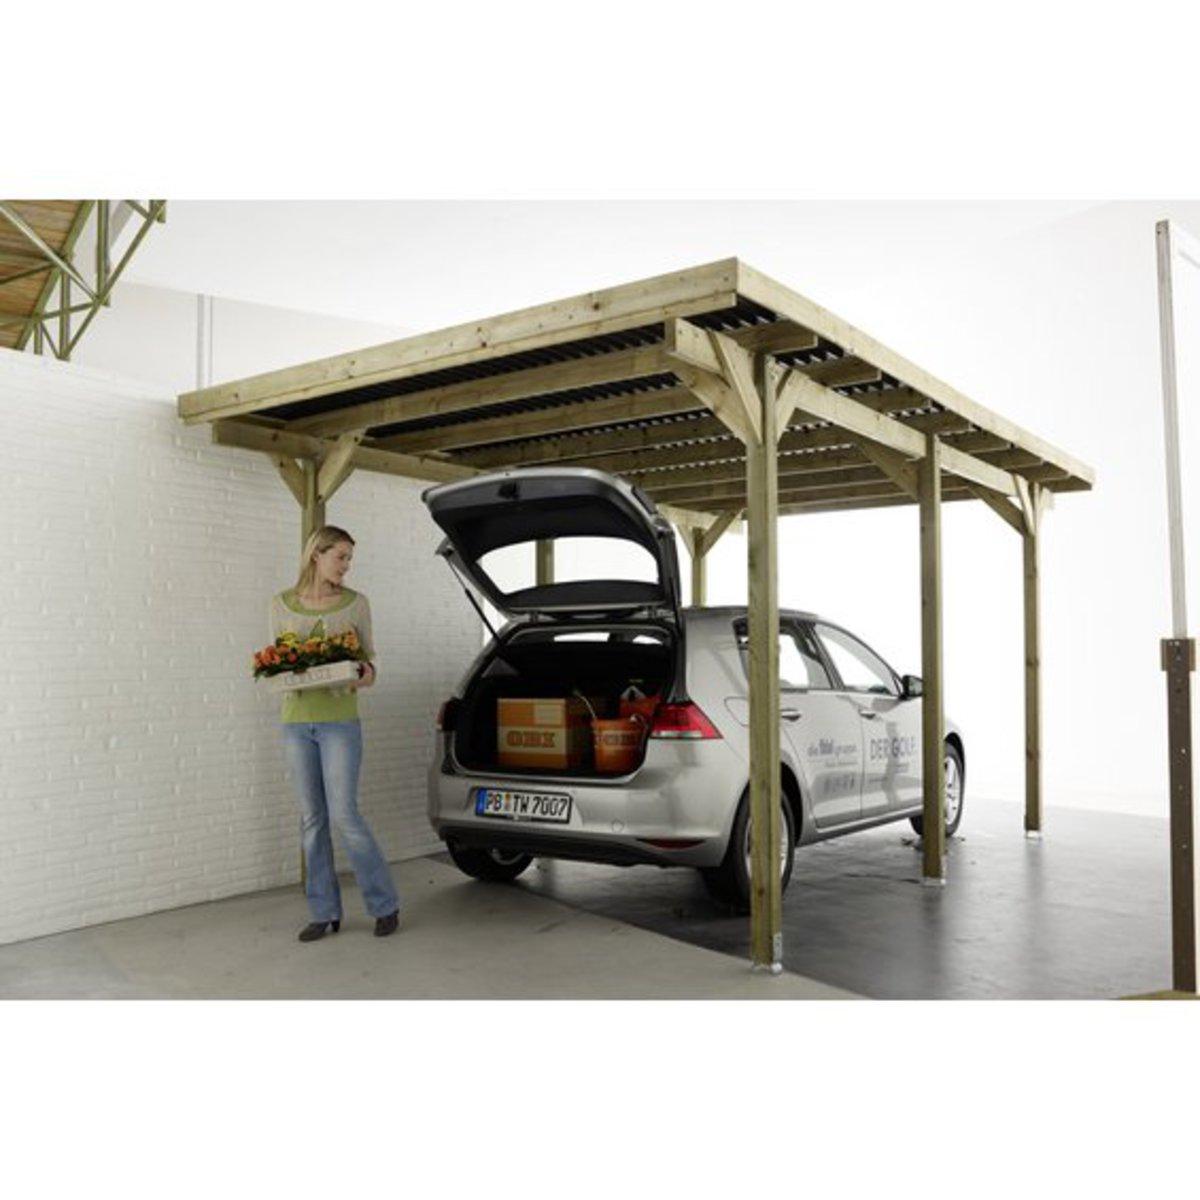 Einzel carport 300 cm x 500 cm von obi f r 199 99 ansehen for Angebote carport